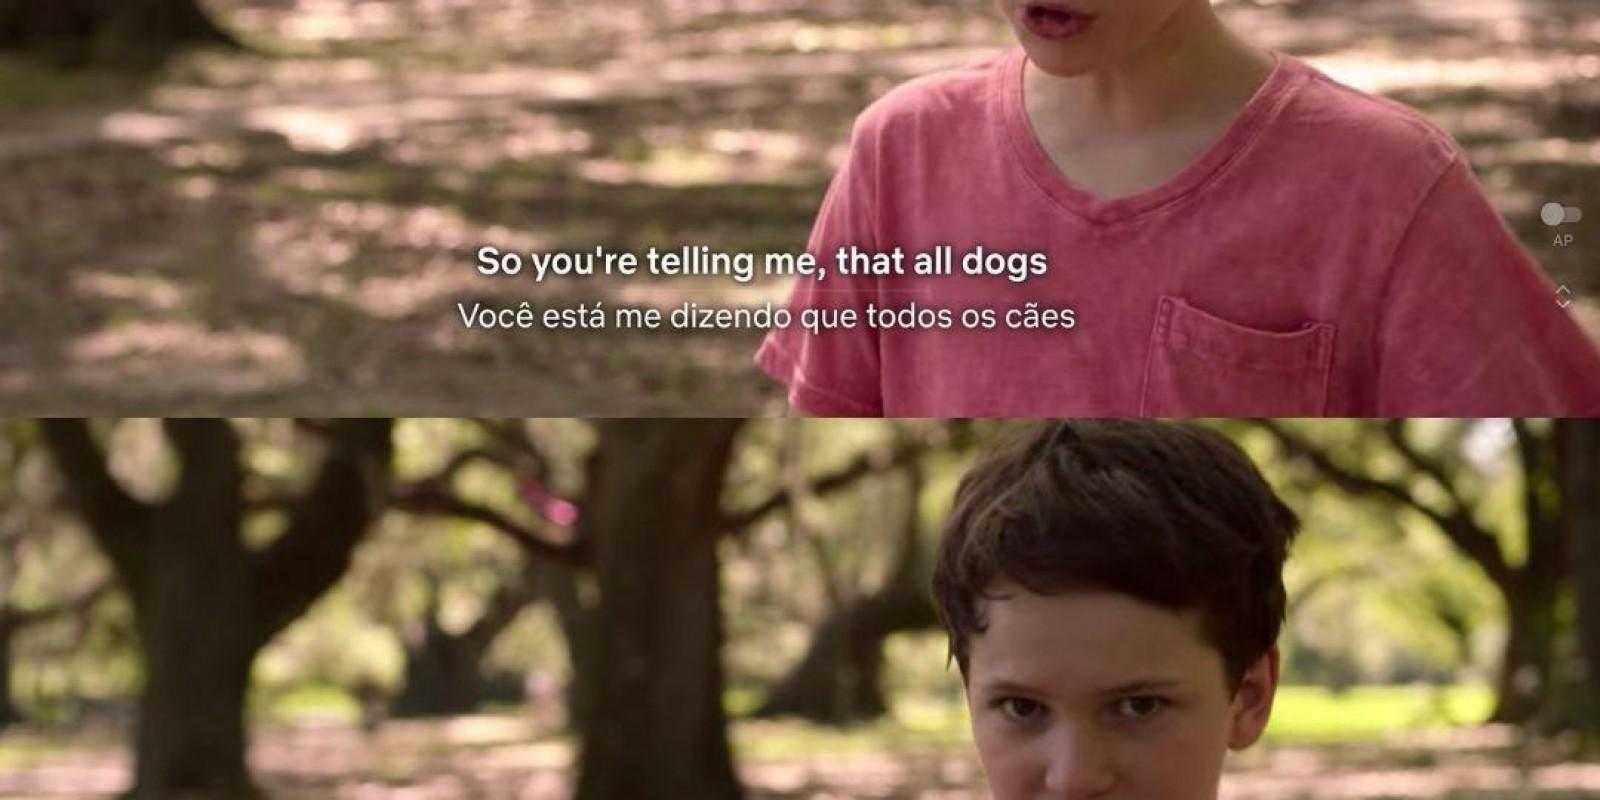 Lambeijos, Carla Ruas - Então os cães entendem os humanos???